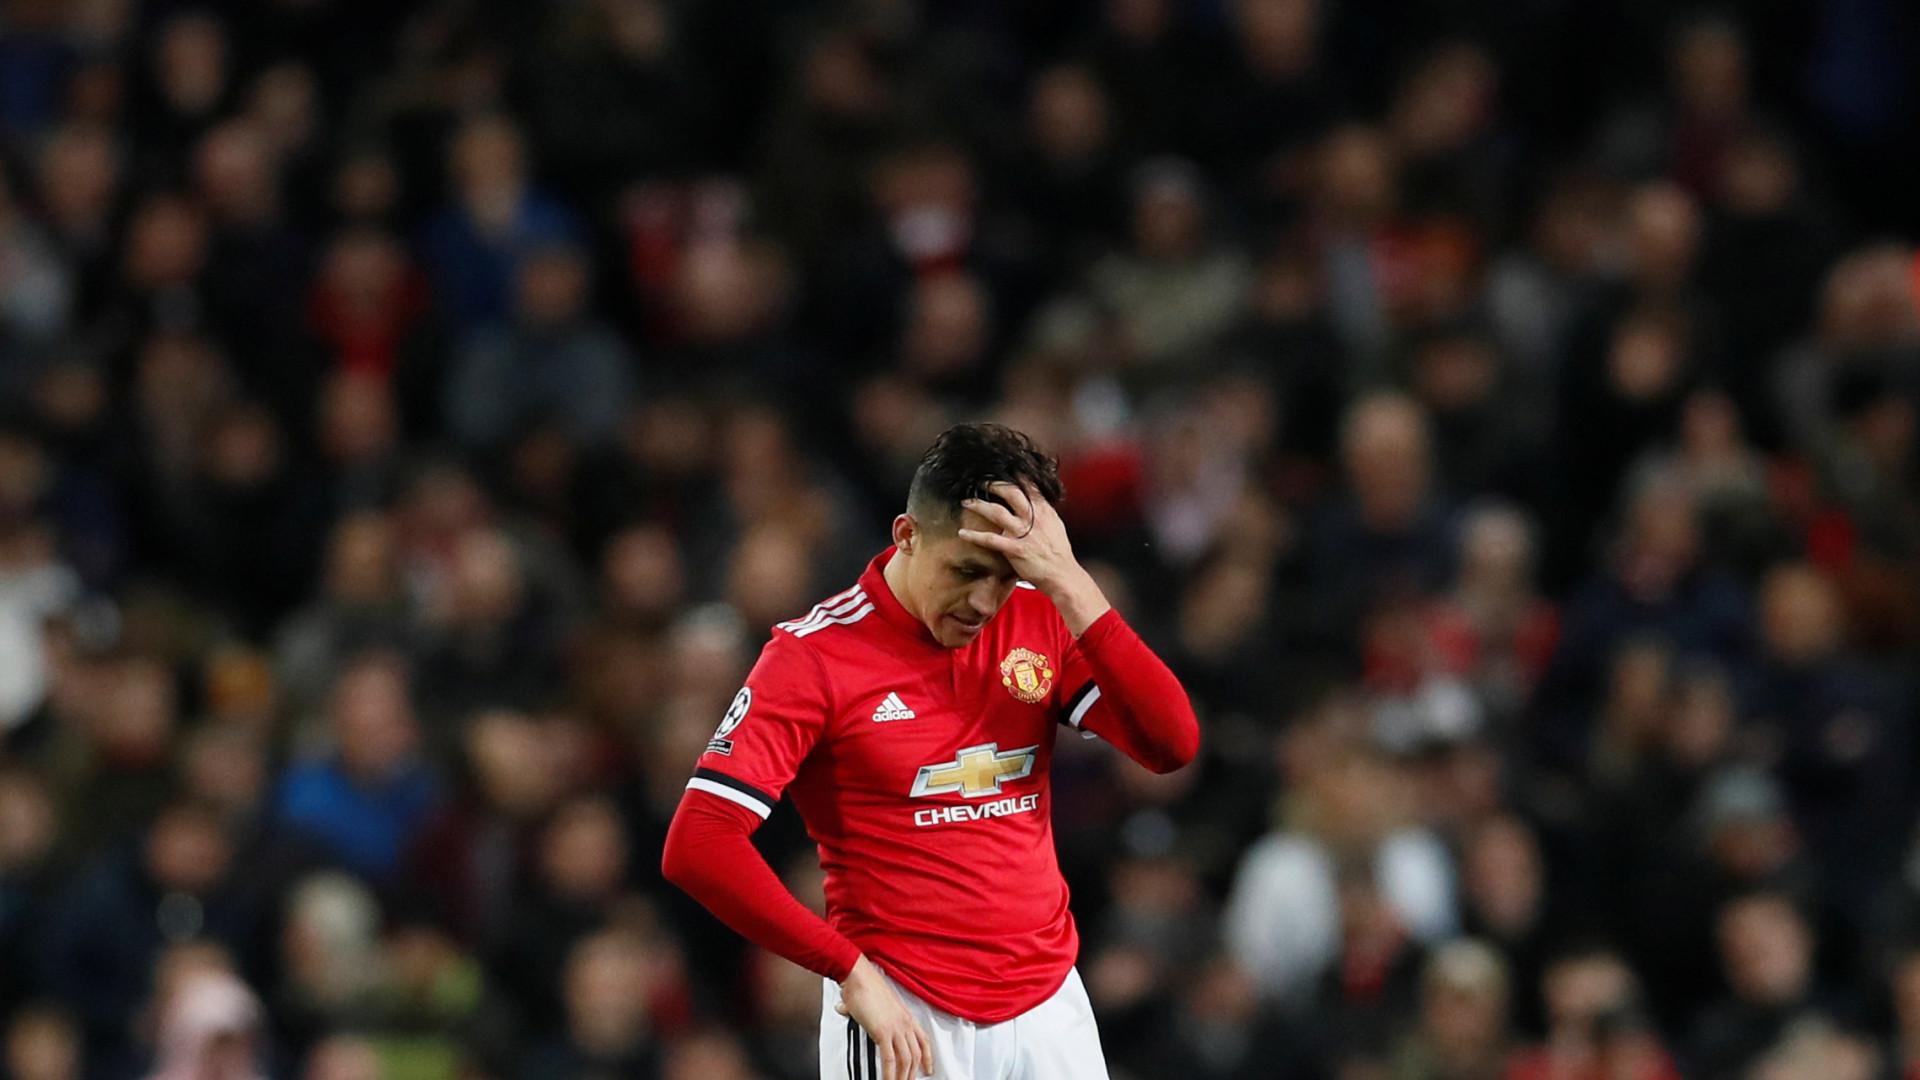 Manchester United confirma saída de Ibrahimovic; atacante se pronuncia